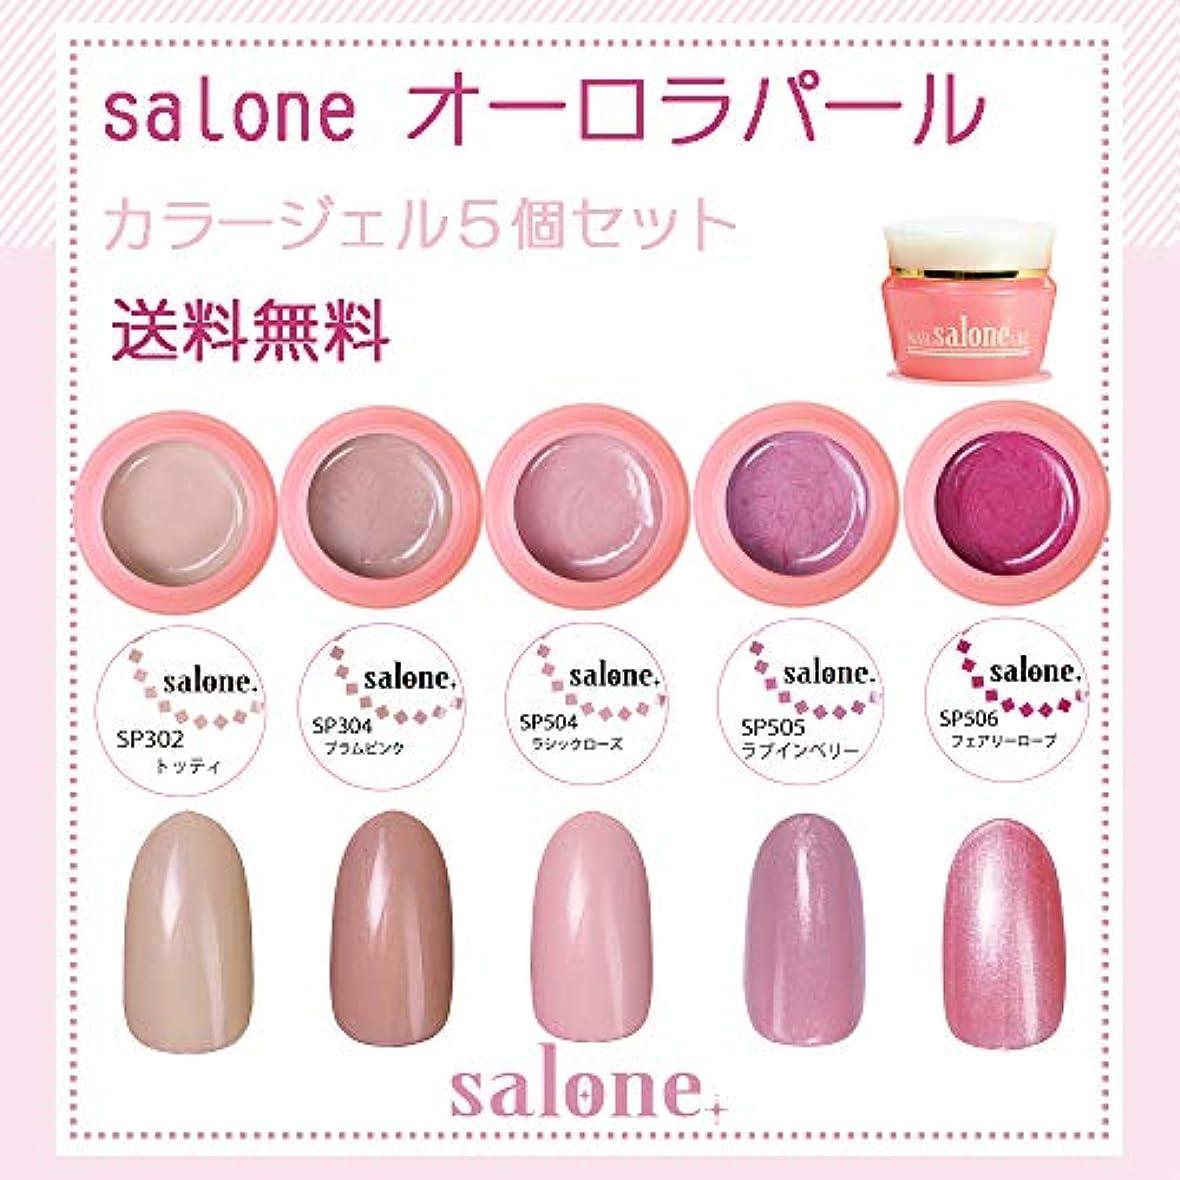 振る舞い圧縮セグメント【送料無料 日本製】Salone オーロラパール カラージェル5個セット上品な輝きのパールカラー